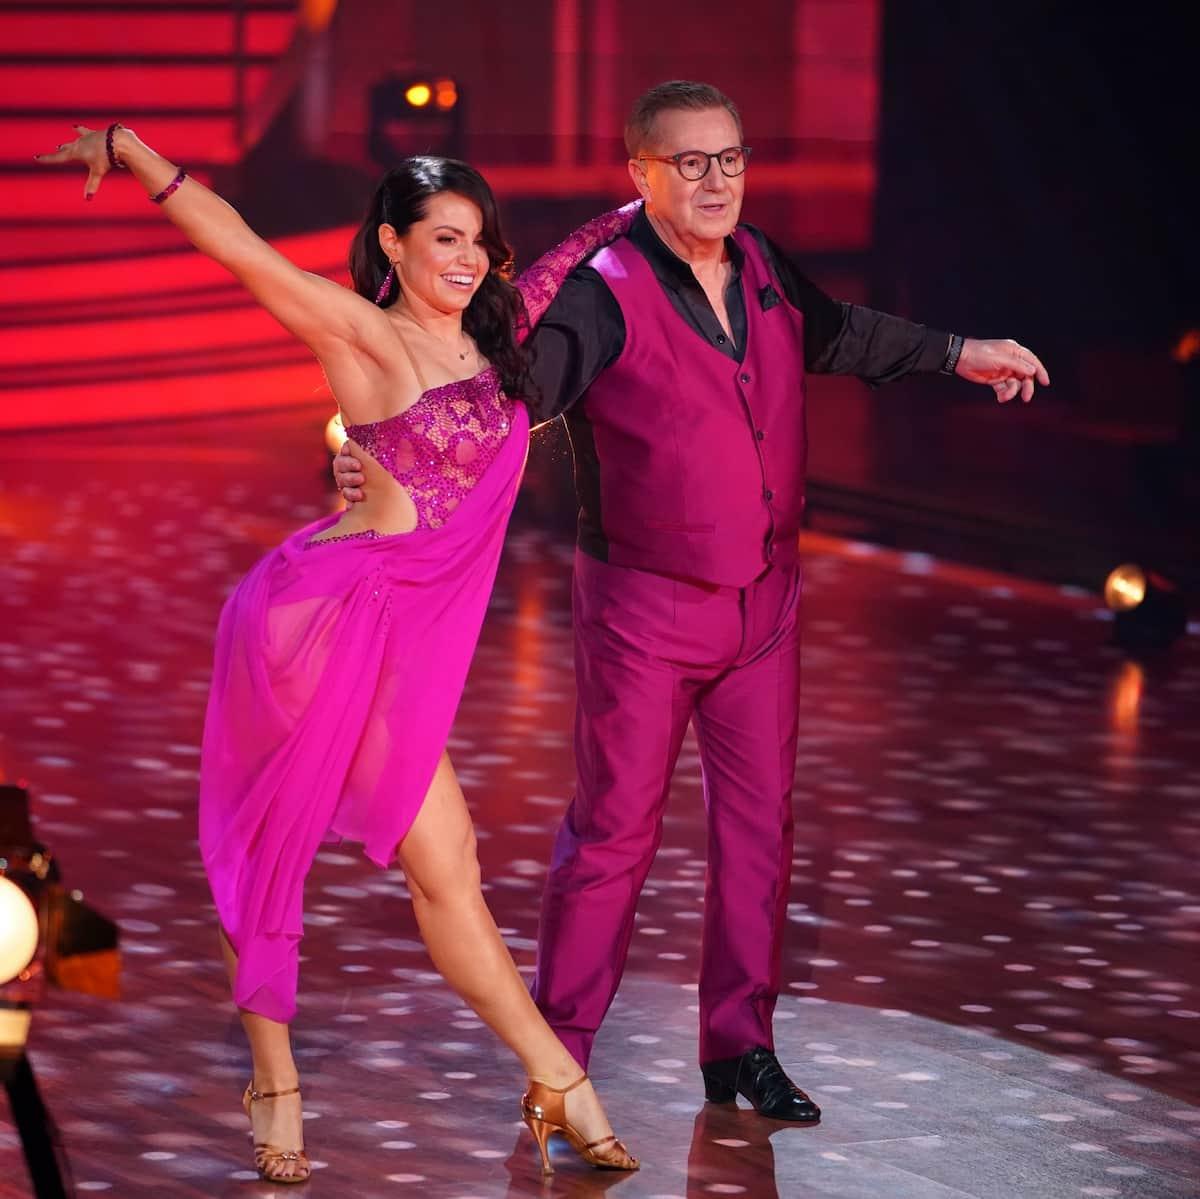 Christina Luft und Jan Hofer bei Let's dance am 12.3.2021